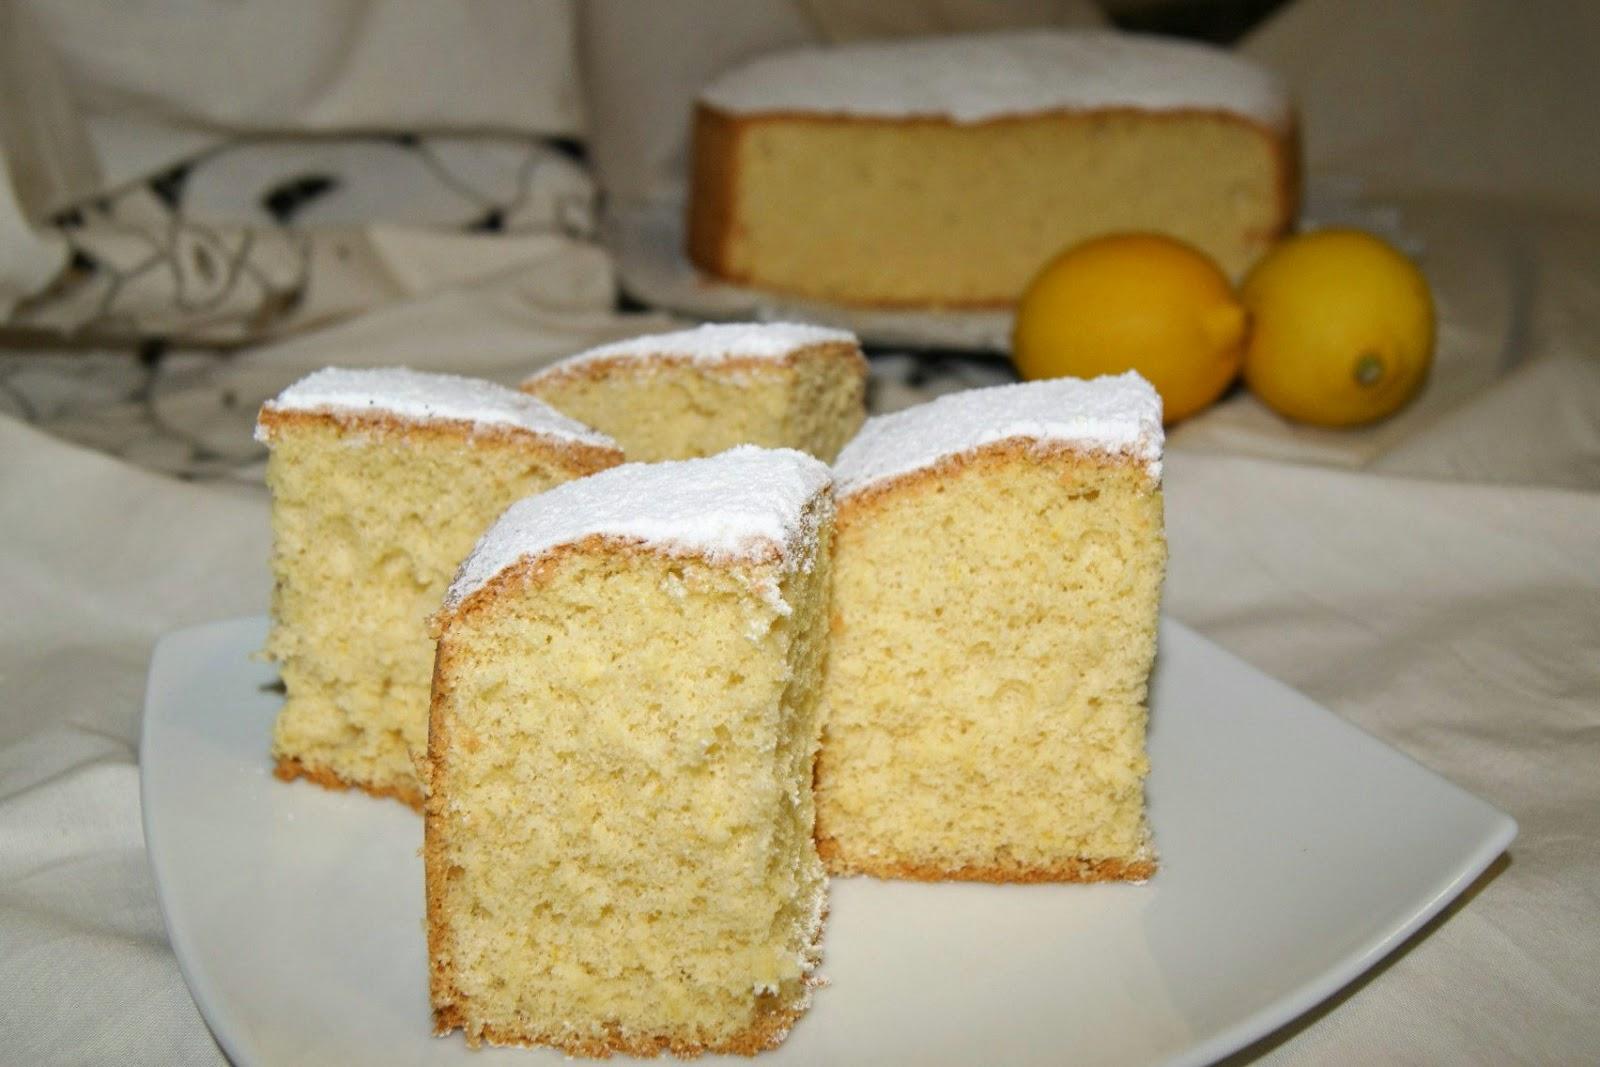 Anna recetas f ciles bizcocho cl sico muy esponjoso - Bizcocho de limon esponjoso ...